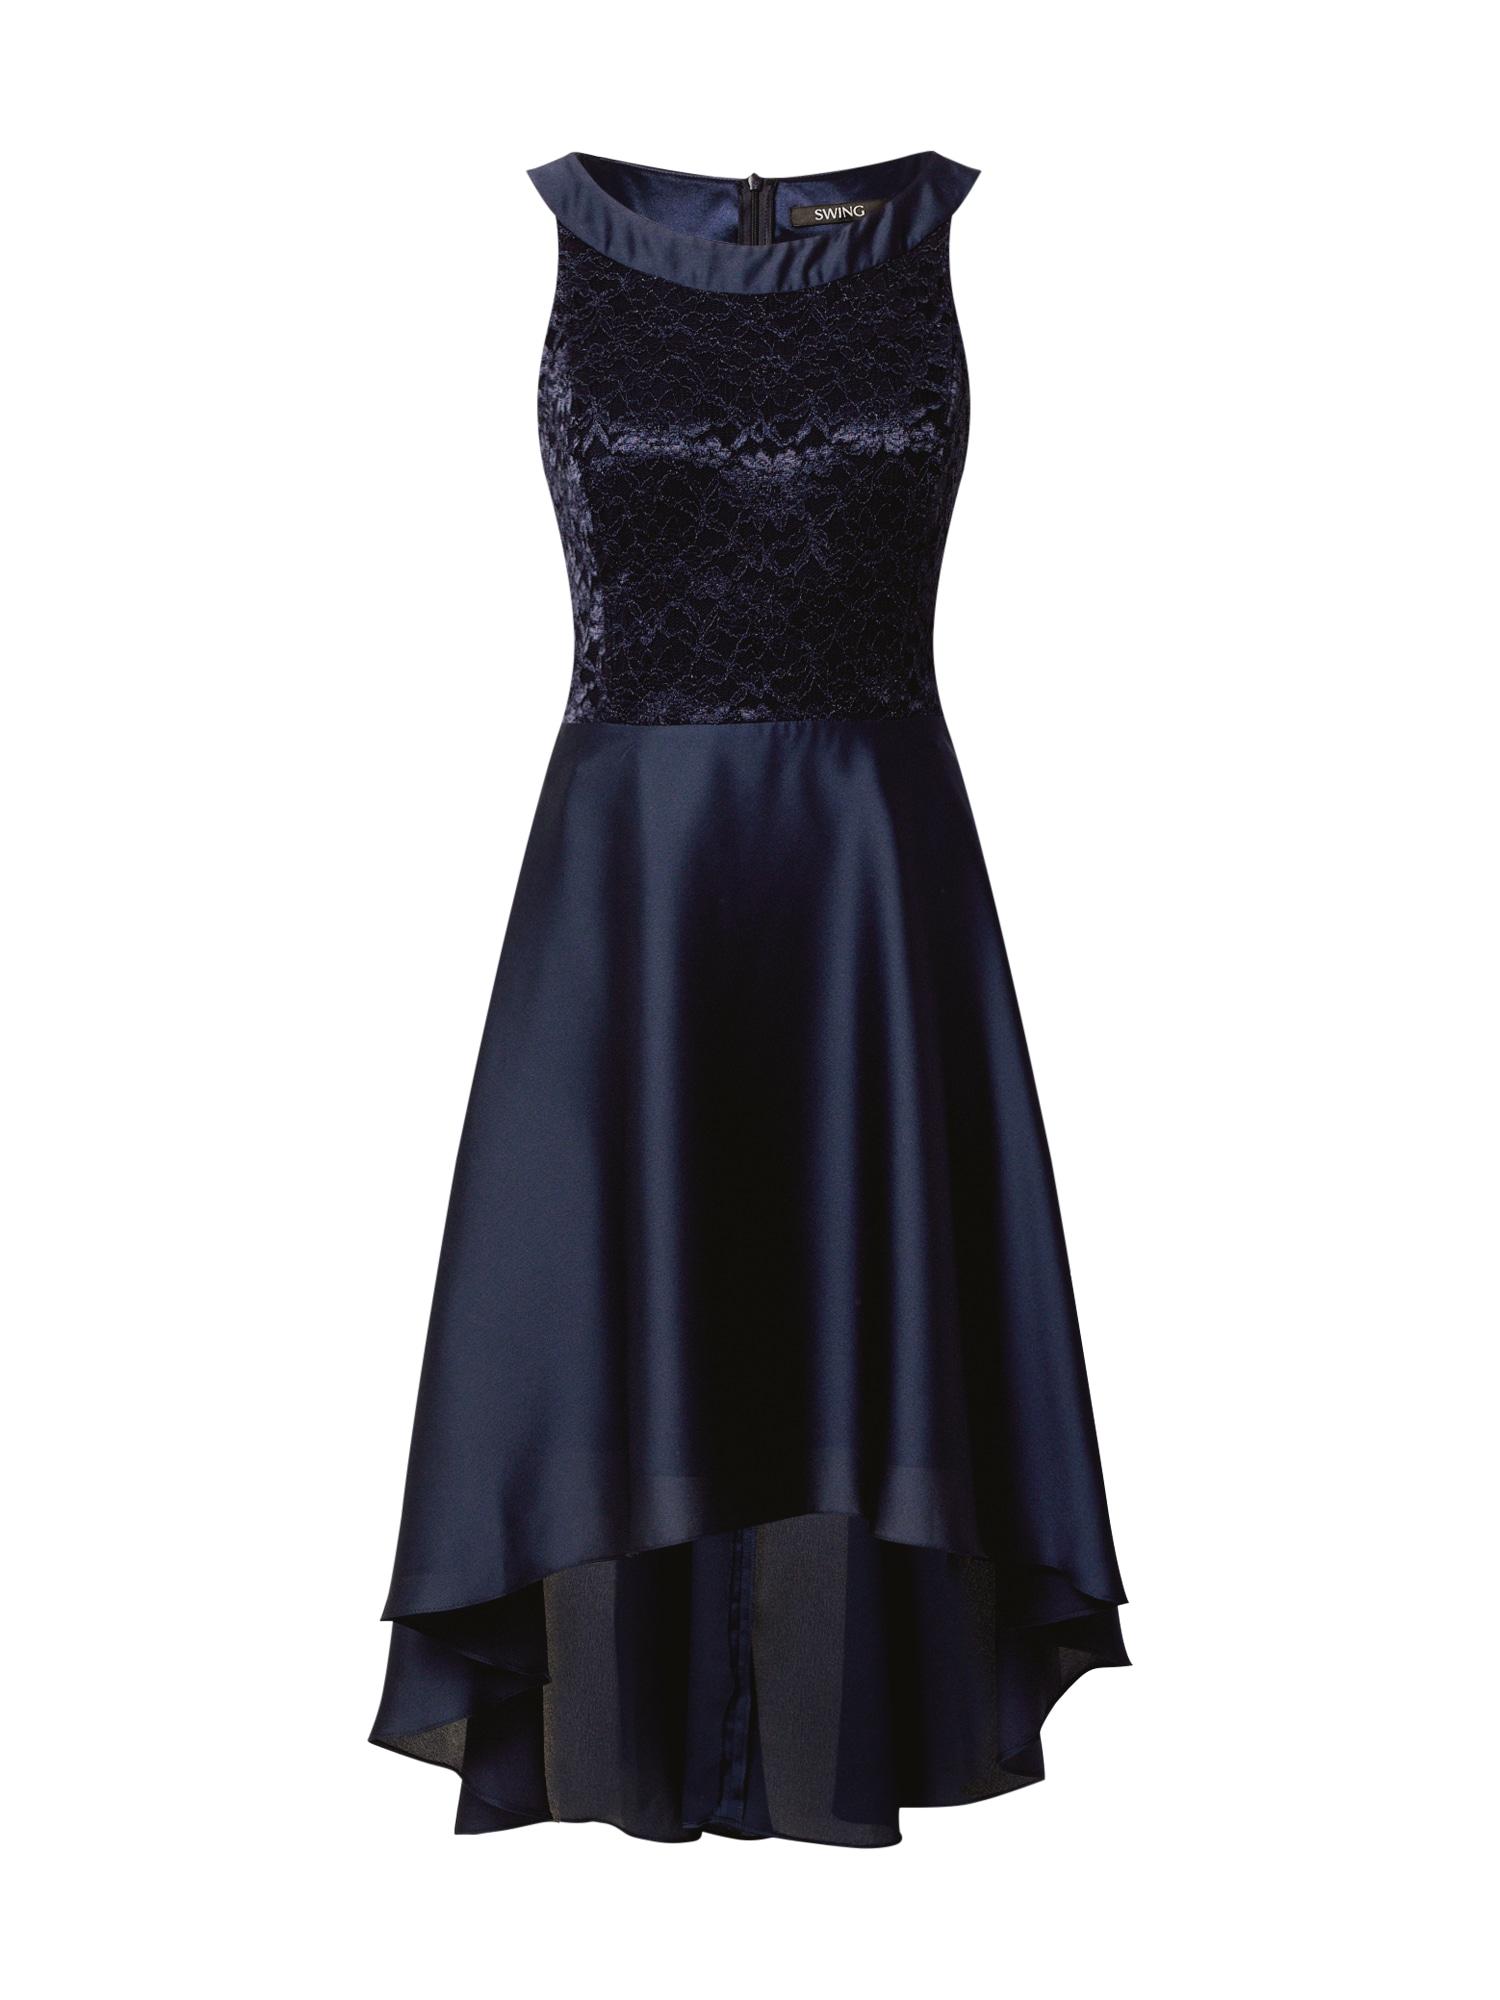 SWING Kokteilinė suknelė nakties mėlyna